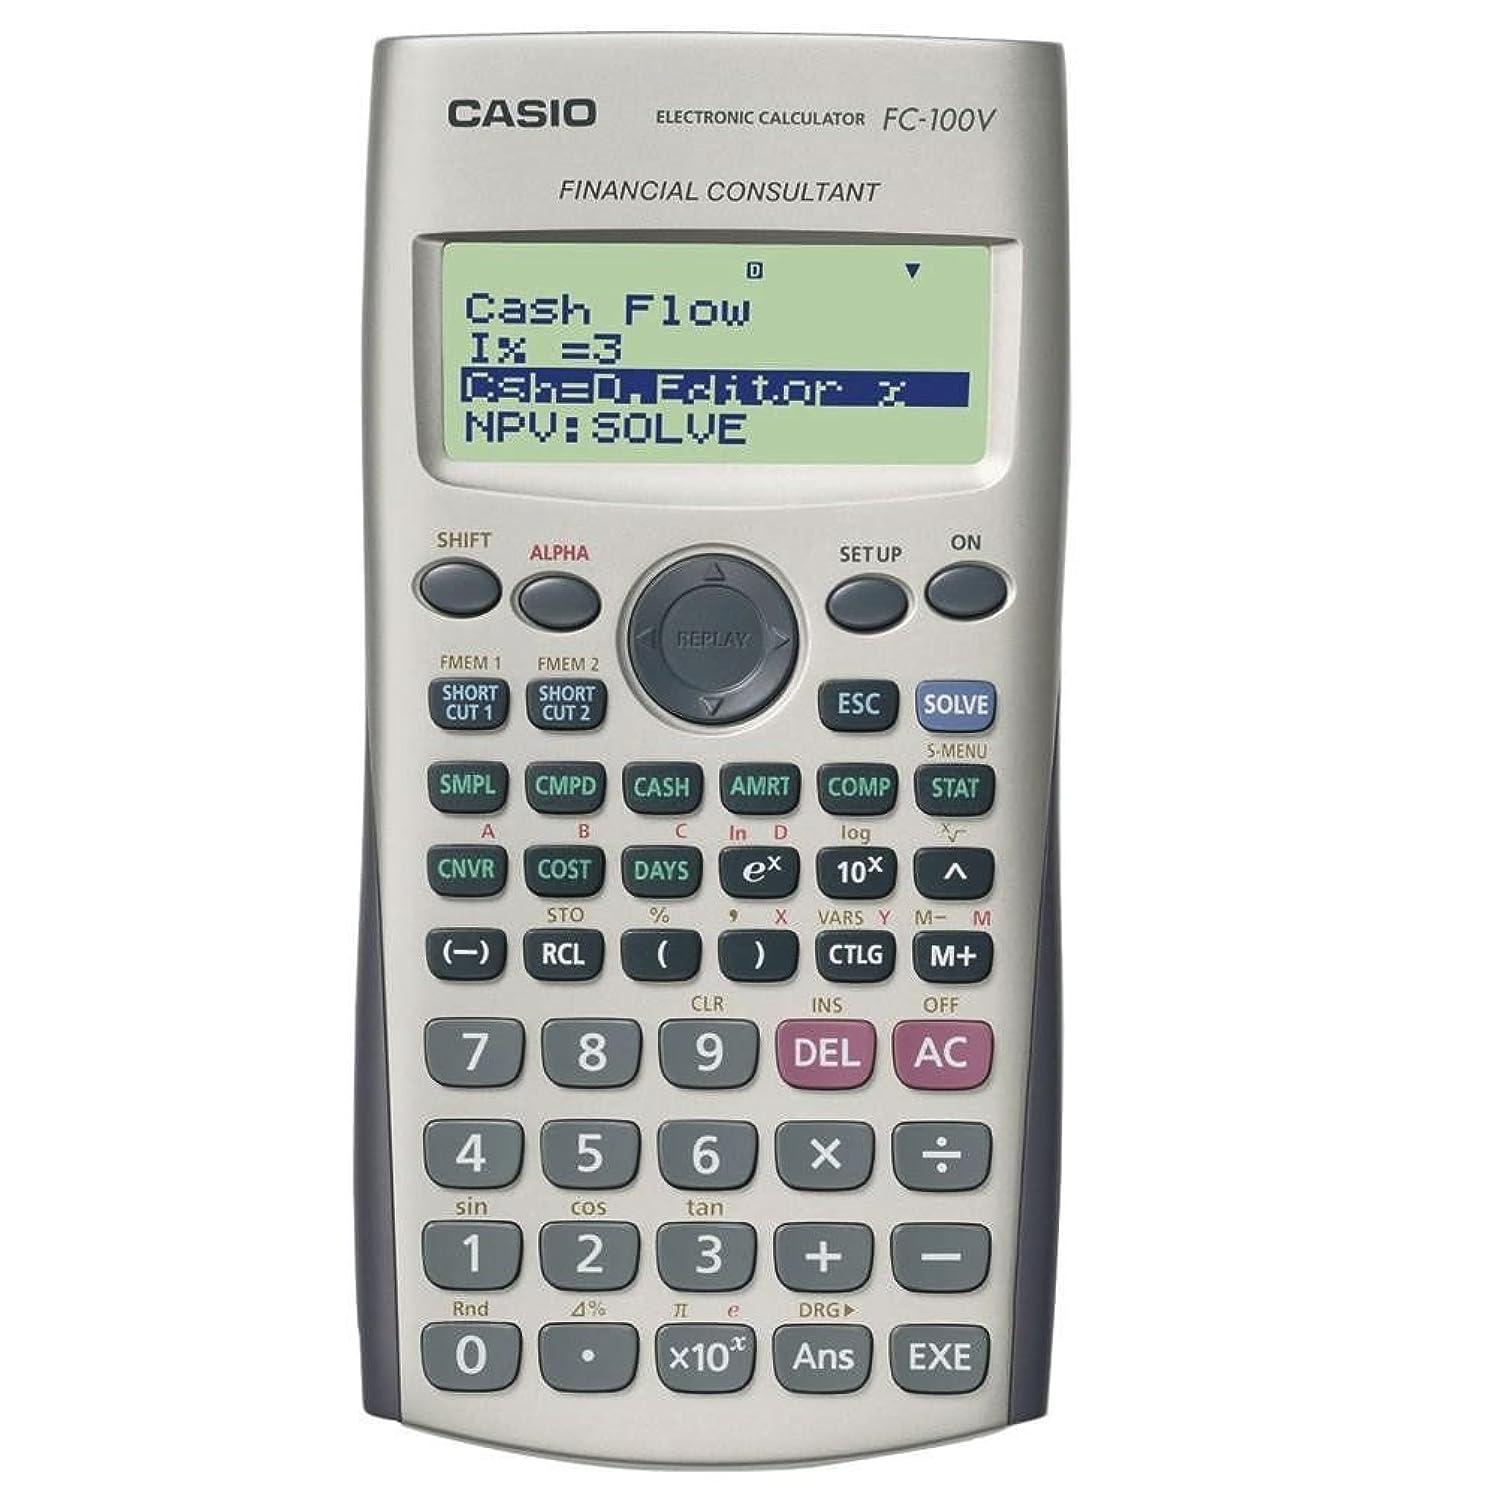 意図的バスケットボールに向かってCASIO FC-100V 金融電卓 FC100V [並行輸入品]